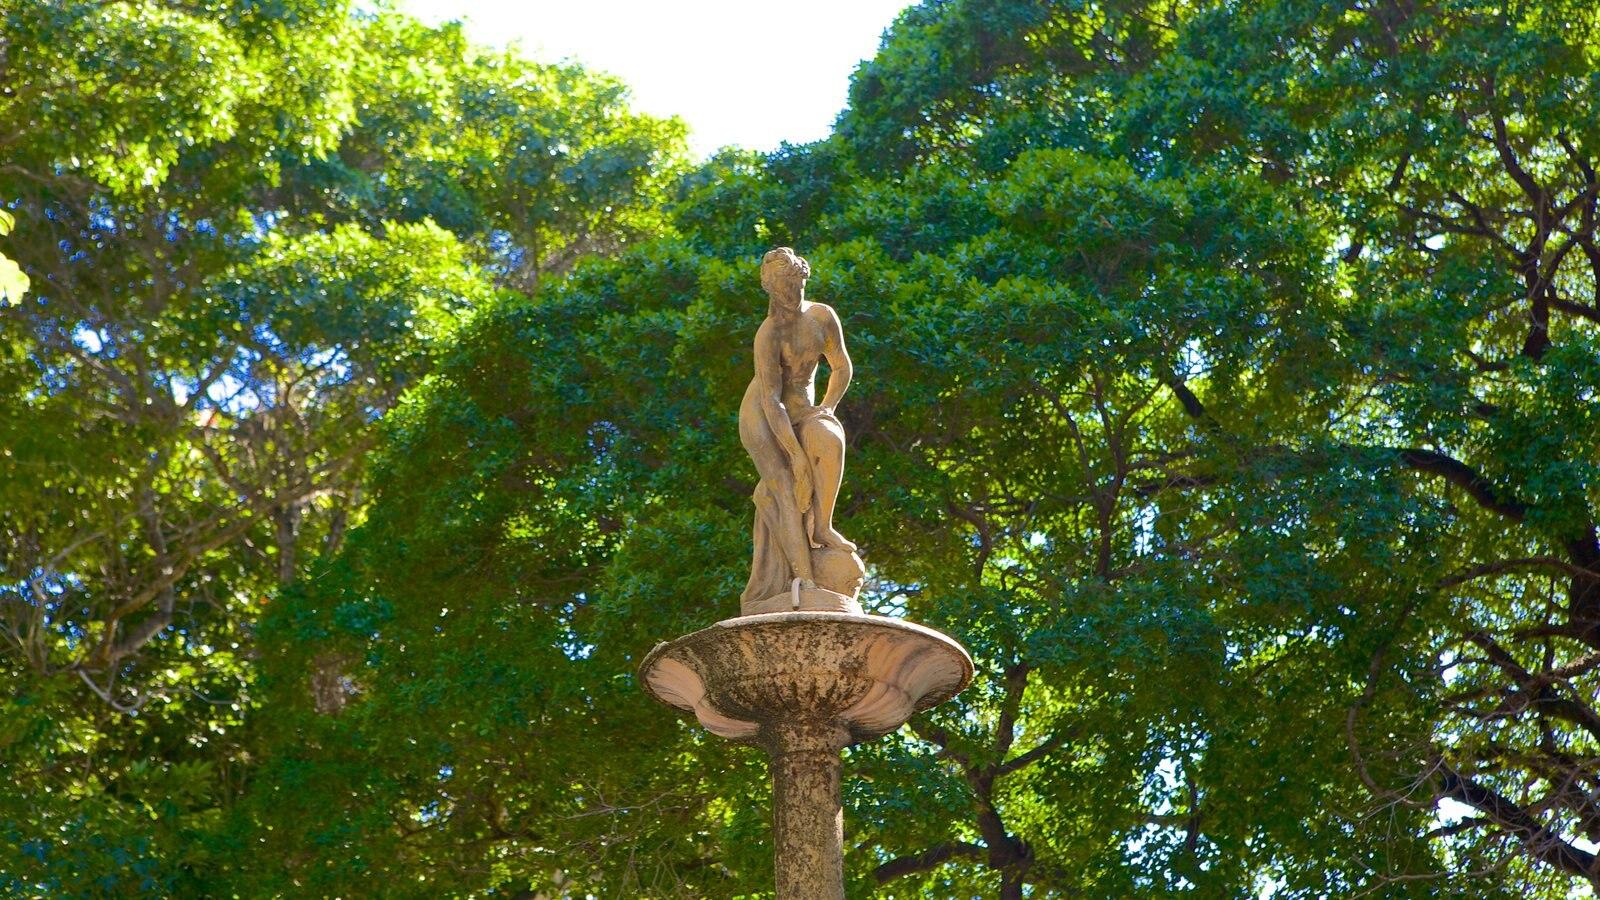 Passeio Público que inclui uma estátua ou escultura